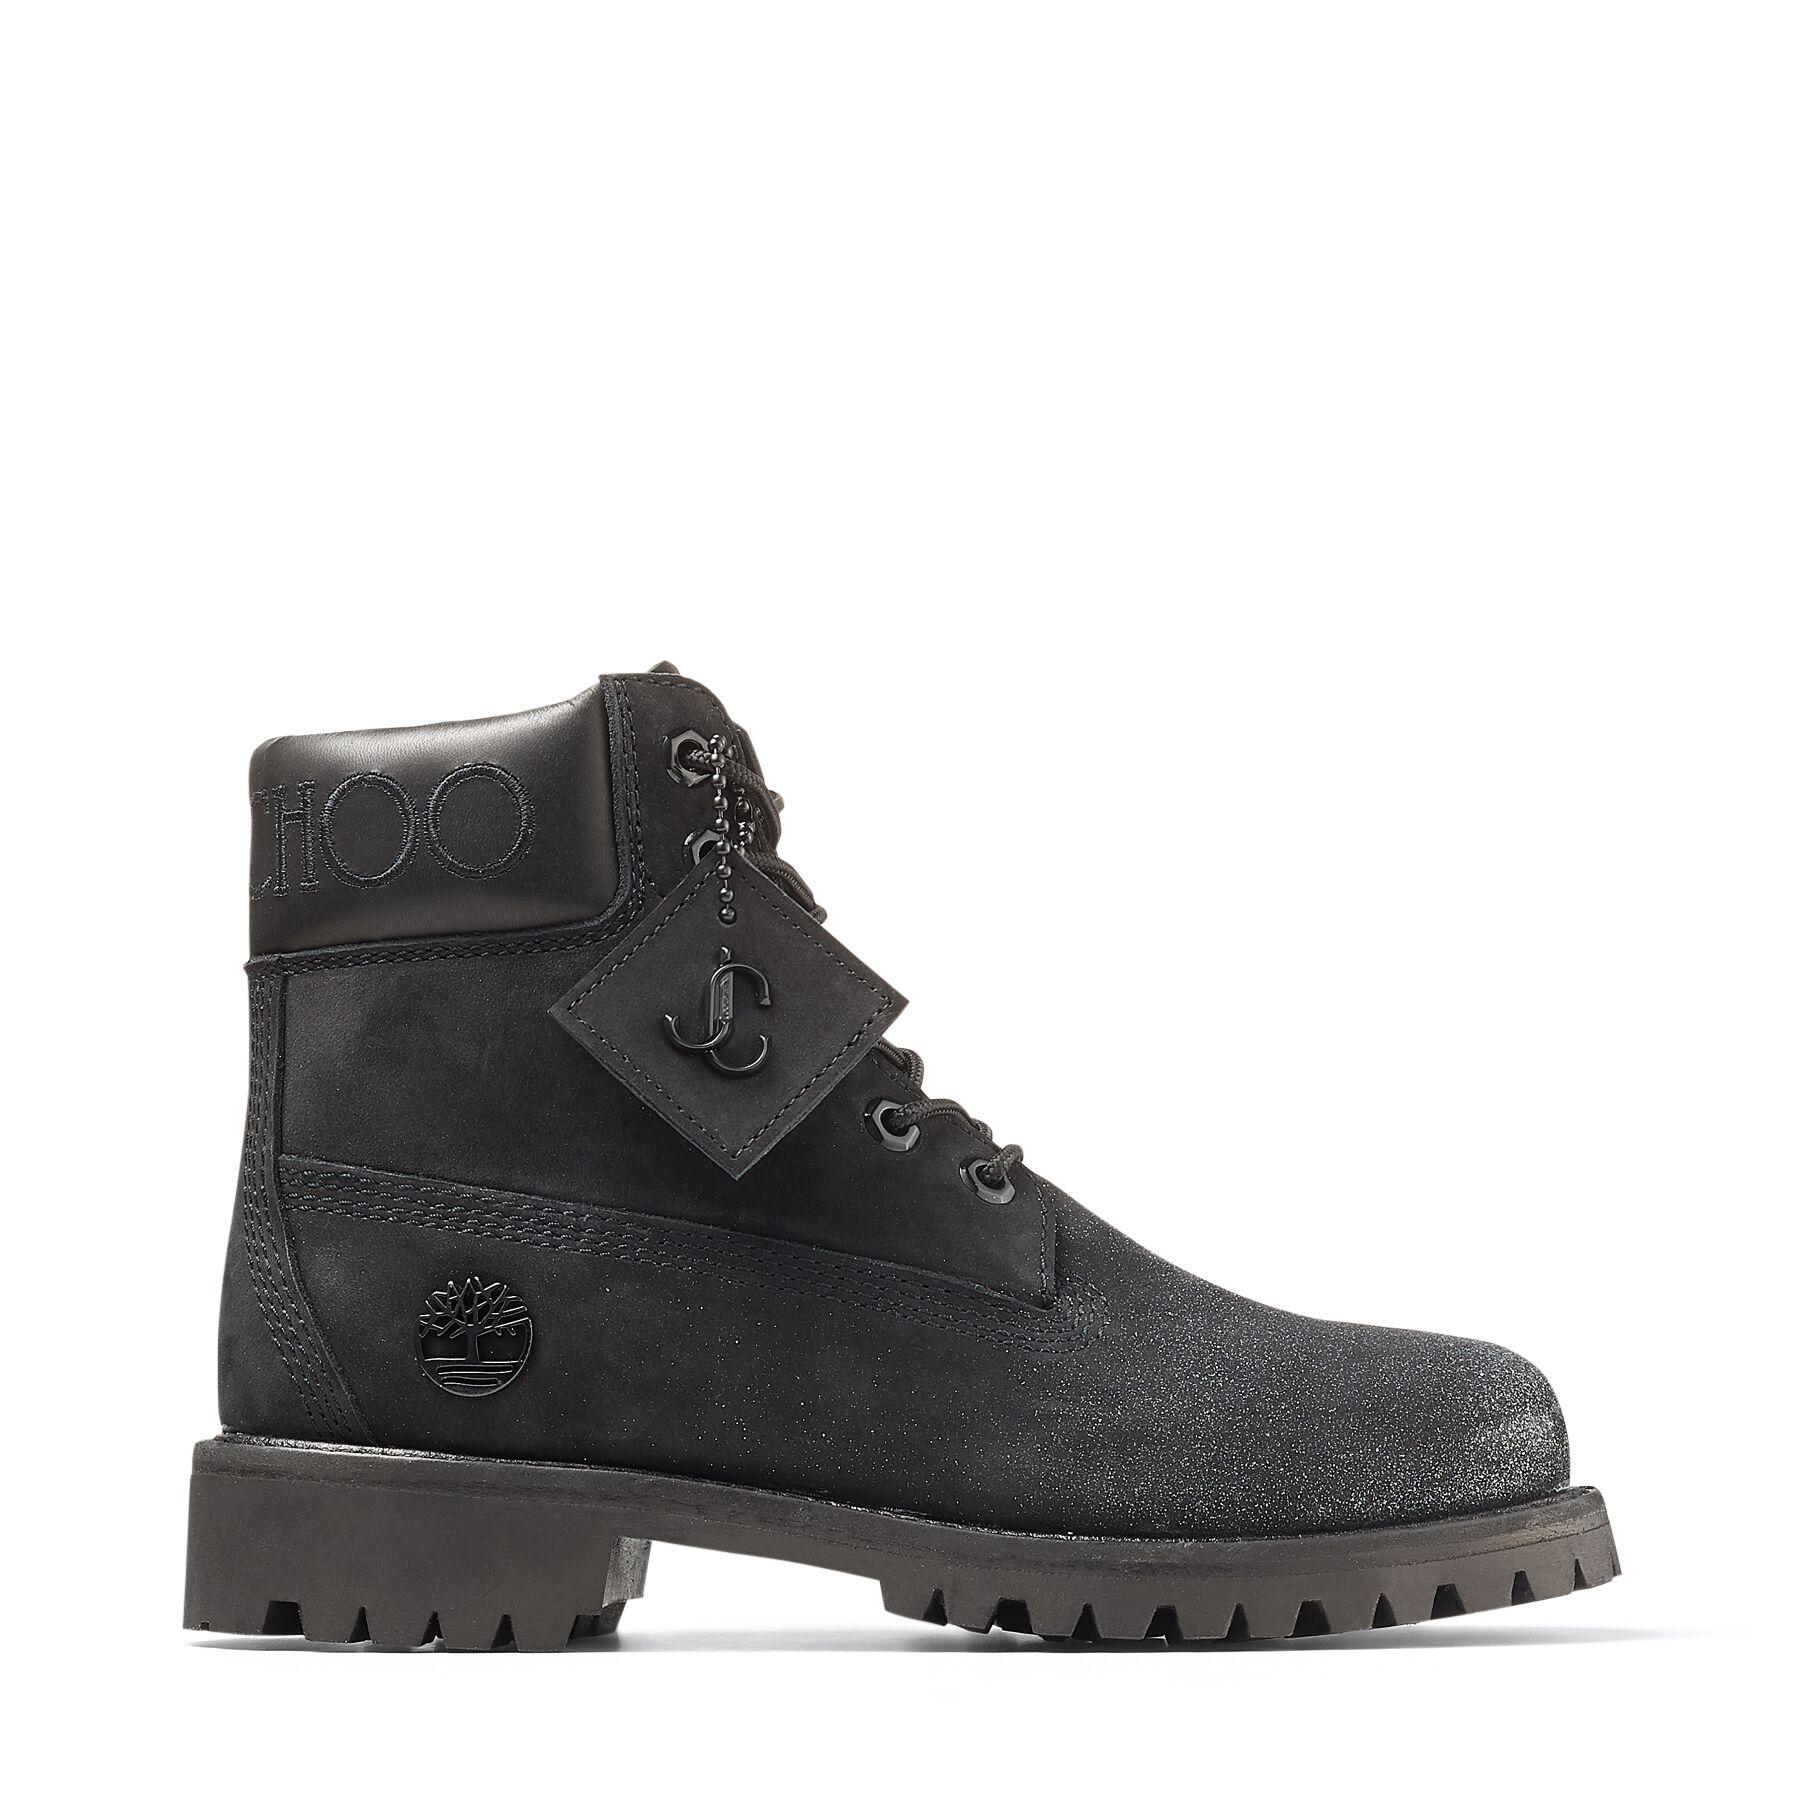 Jimmy Choo Jc X Timberland/F  - Black - Size: 7